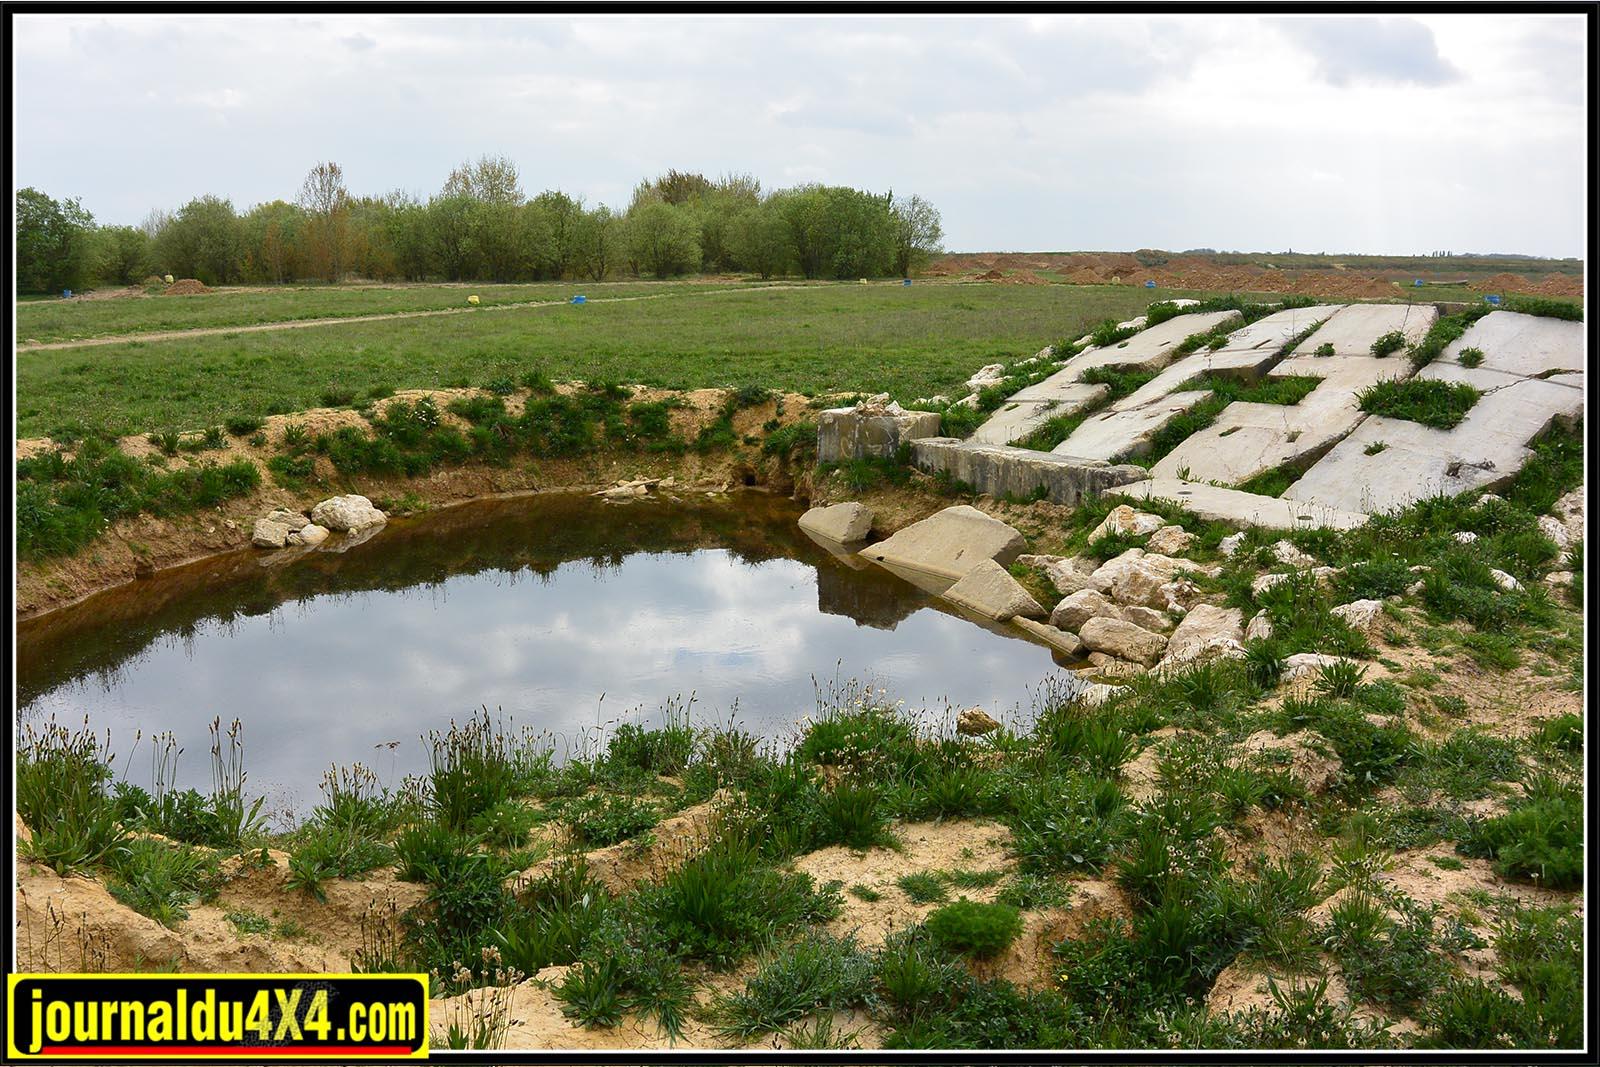 terrain-ultra4-4x4.jpg